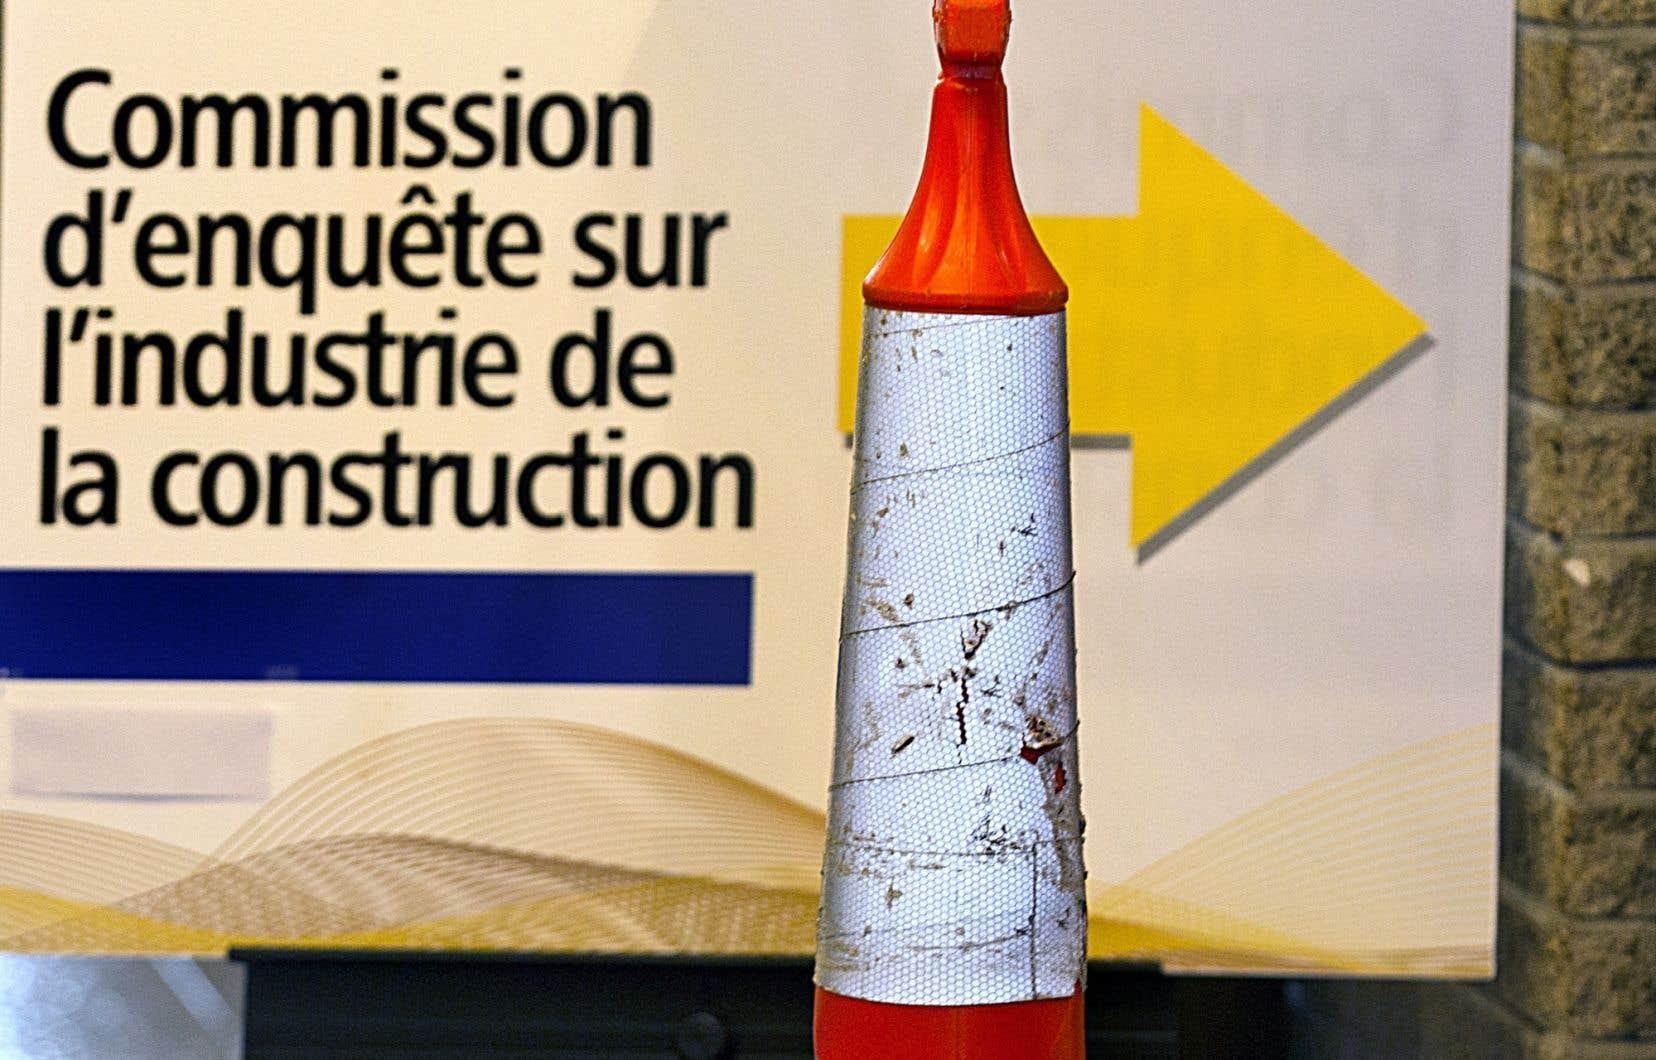 Environ 10 % des dons effectués aux trois grands partis politiques émanent des firmes de génie-conseil, révèle une analyse de la commission Charbonneau présentée jeudi.